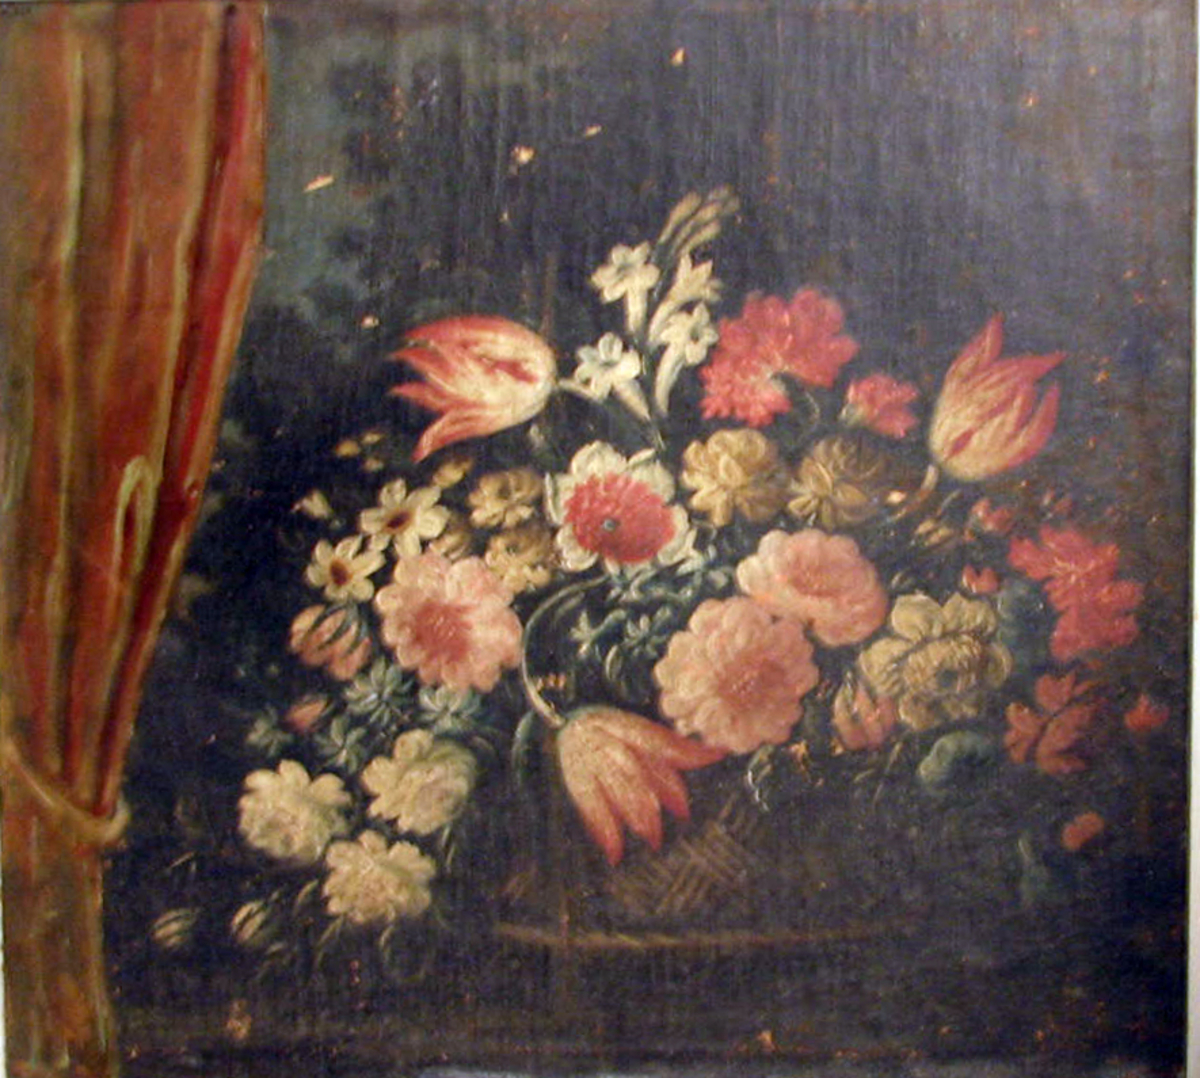 Rektangulært. Blomsterkurv; rødt draperi tilv., mørkt landsk. i bakgrunnen.